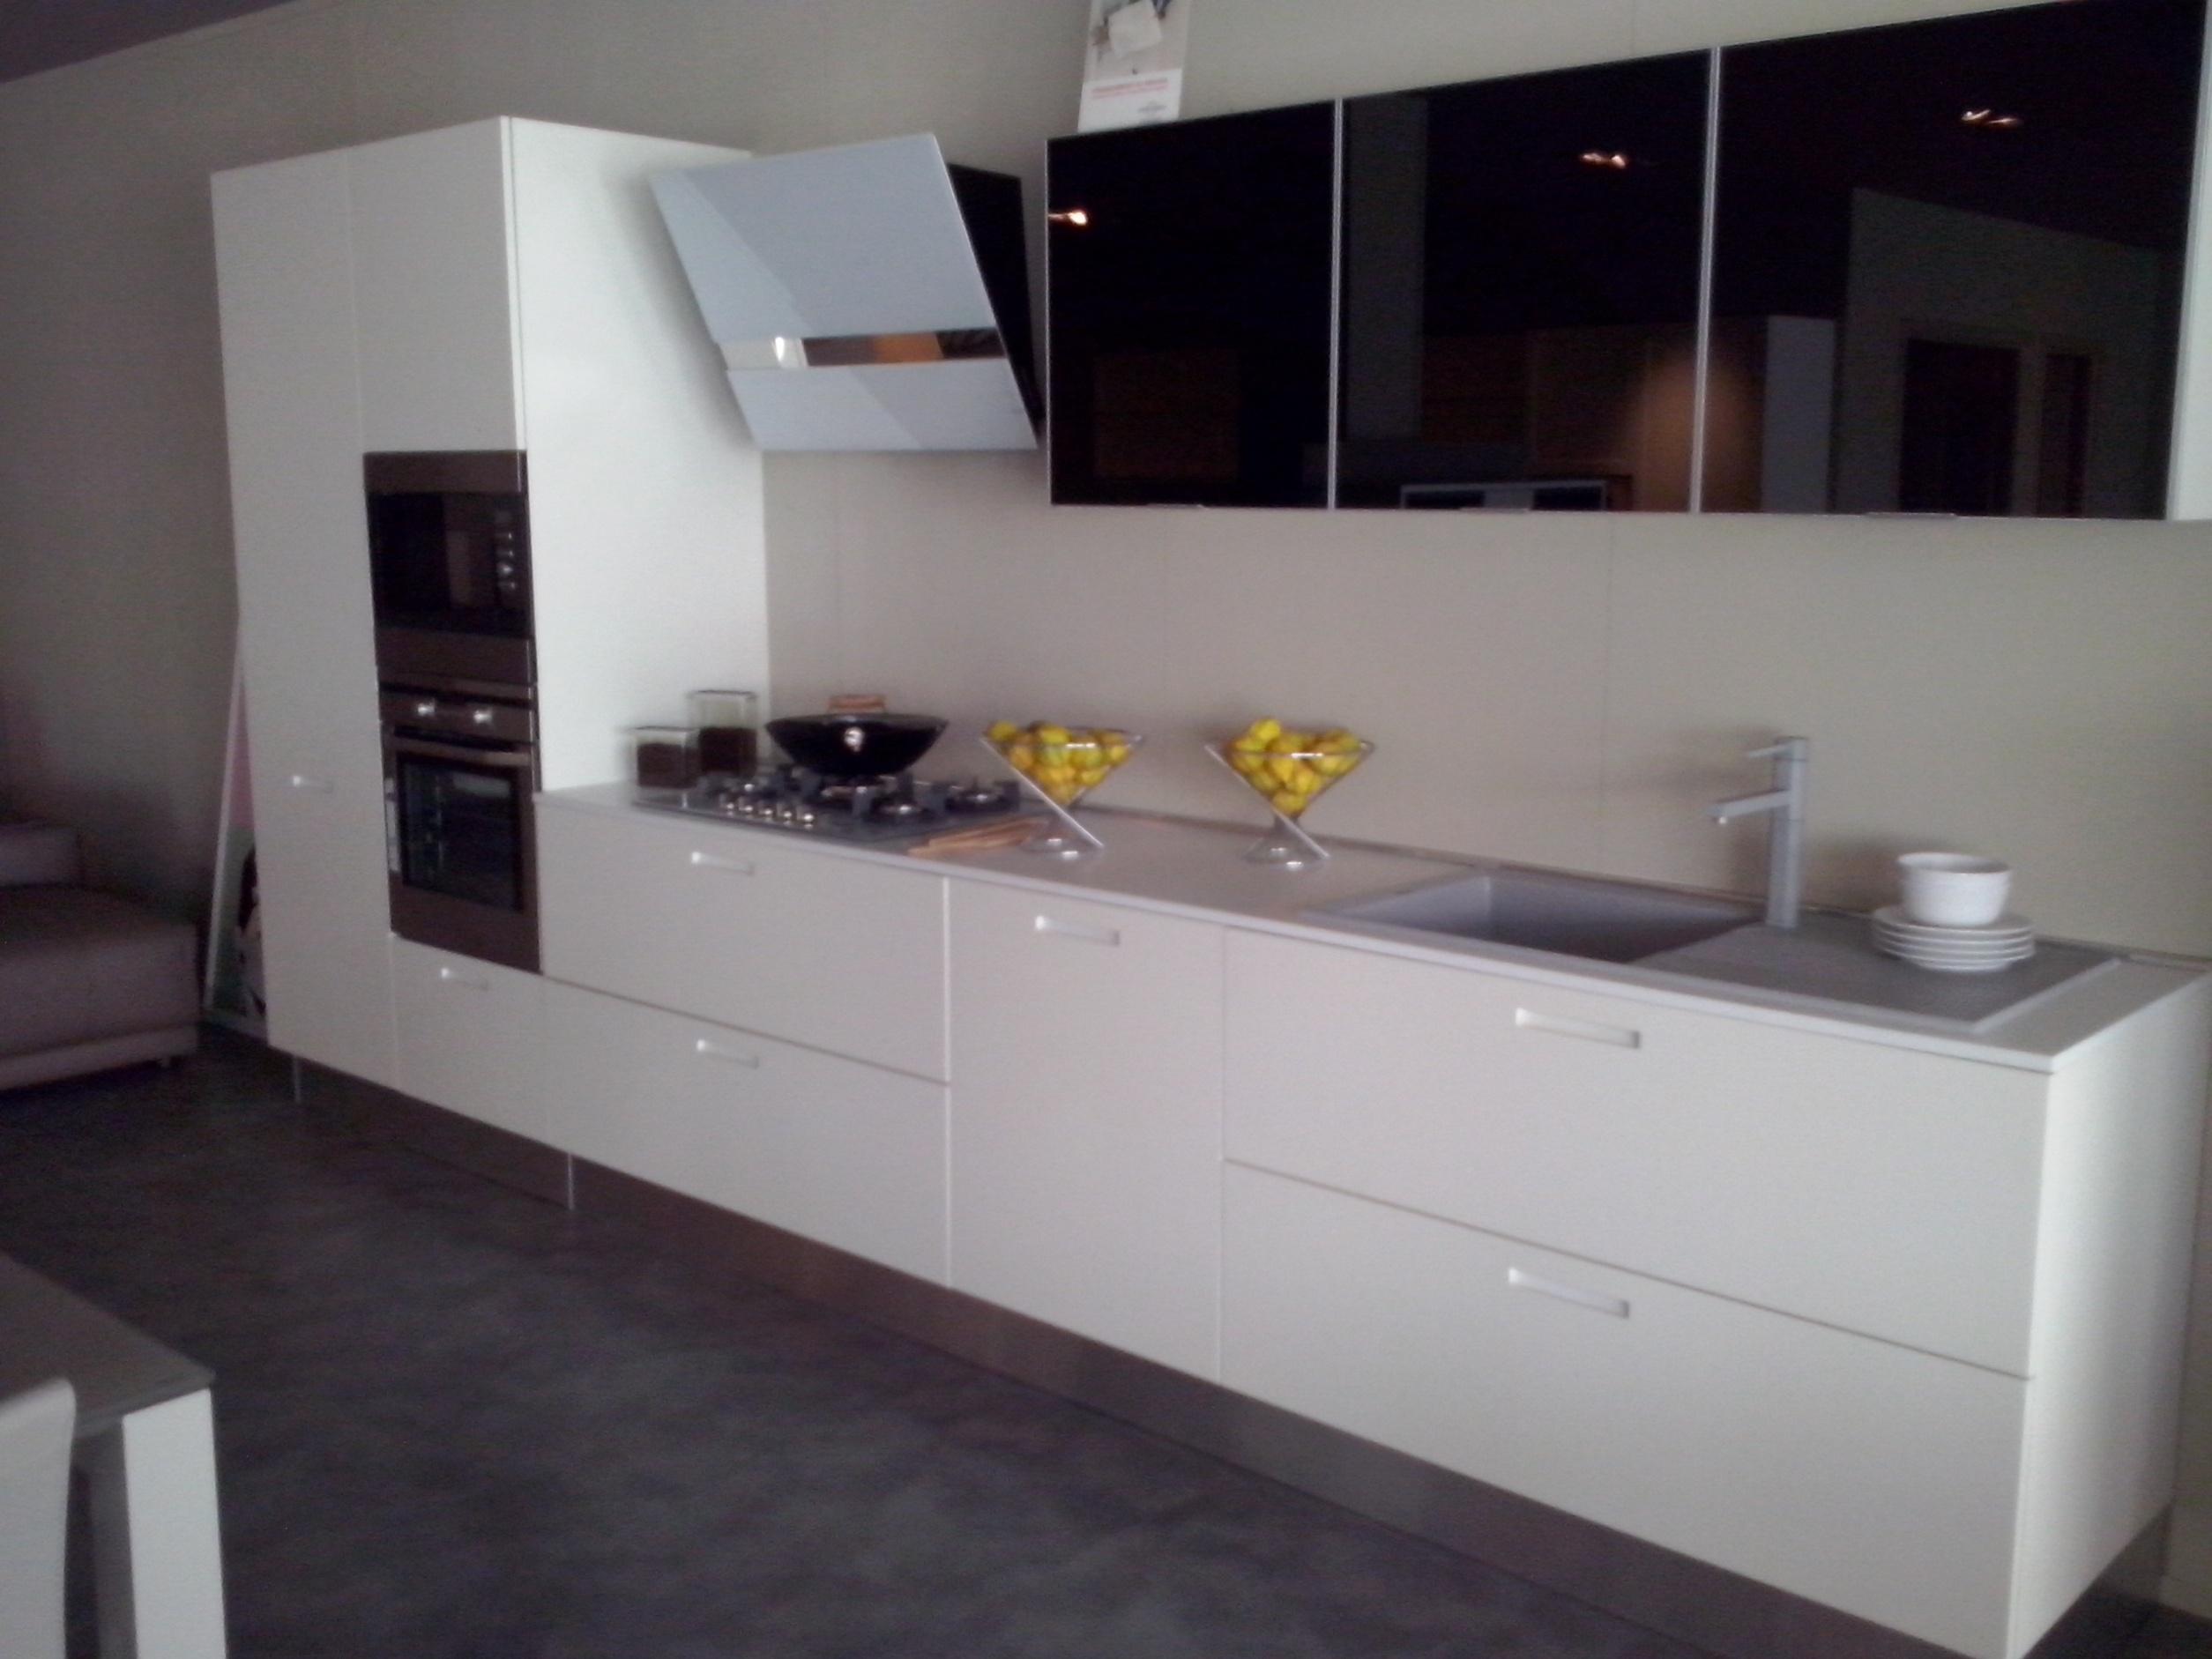 Stunning maniglie cucina moderna pictures ideas design - Cucine bianche moderne ...